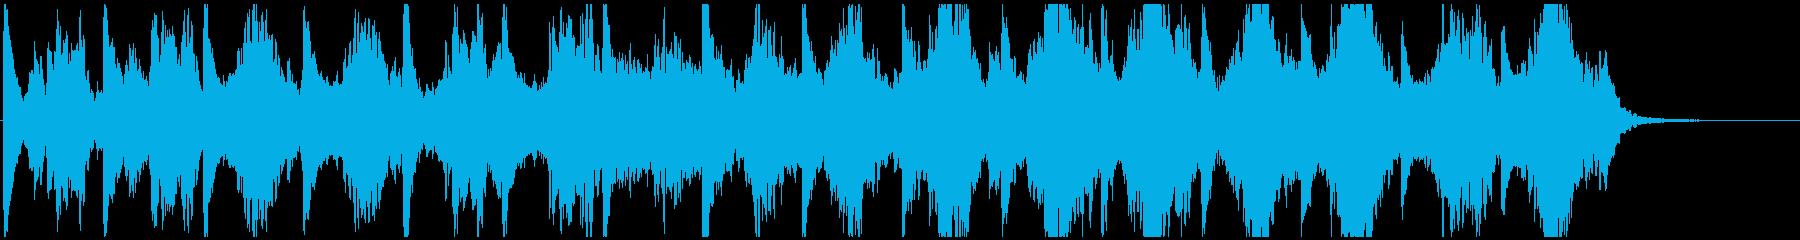 Matrix Iの再生済みの波形